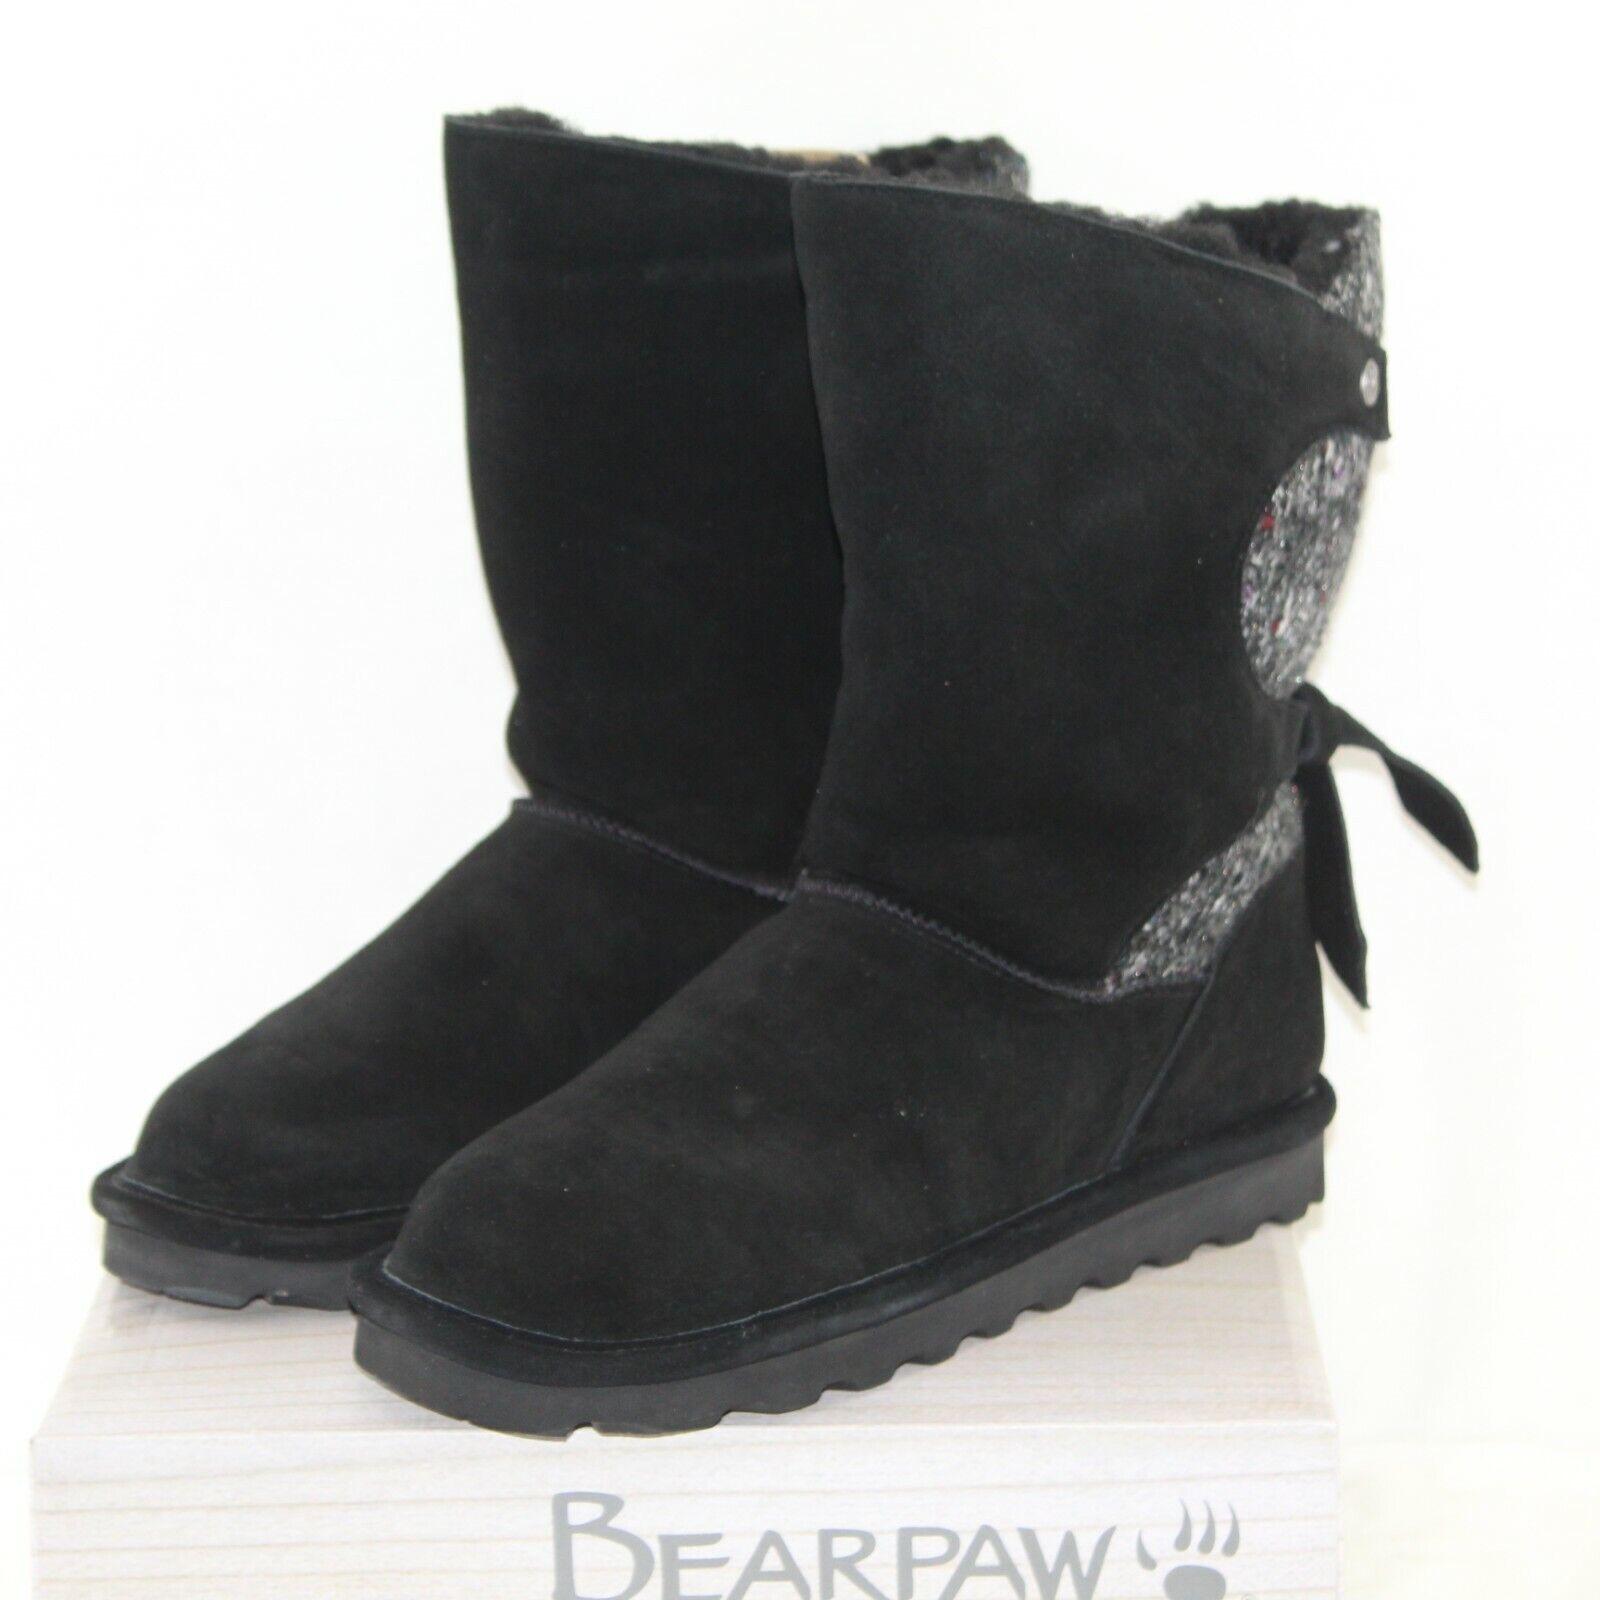 Bearpaw Willow Femme Bottes D'Hiver Mi-mollet Chaussures Tailles Multiples en Daim Noir Nouveau